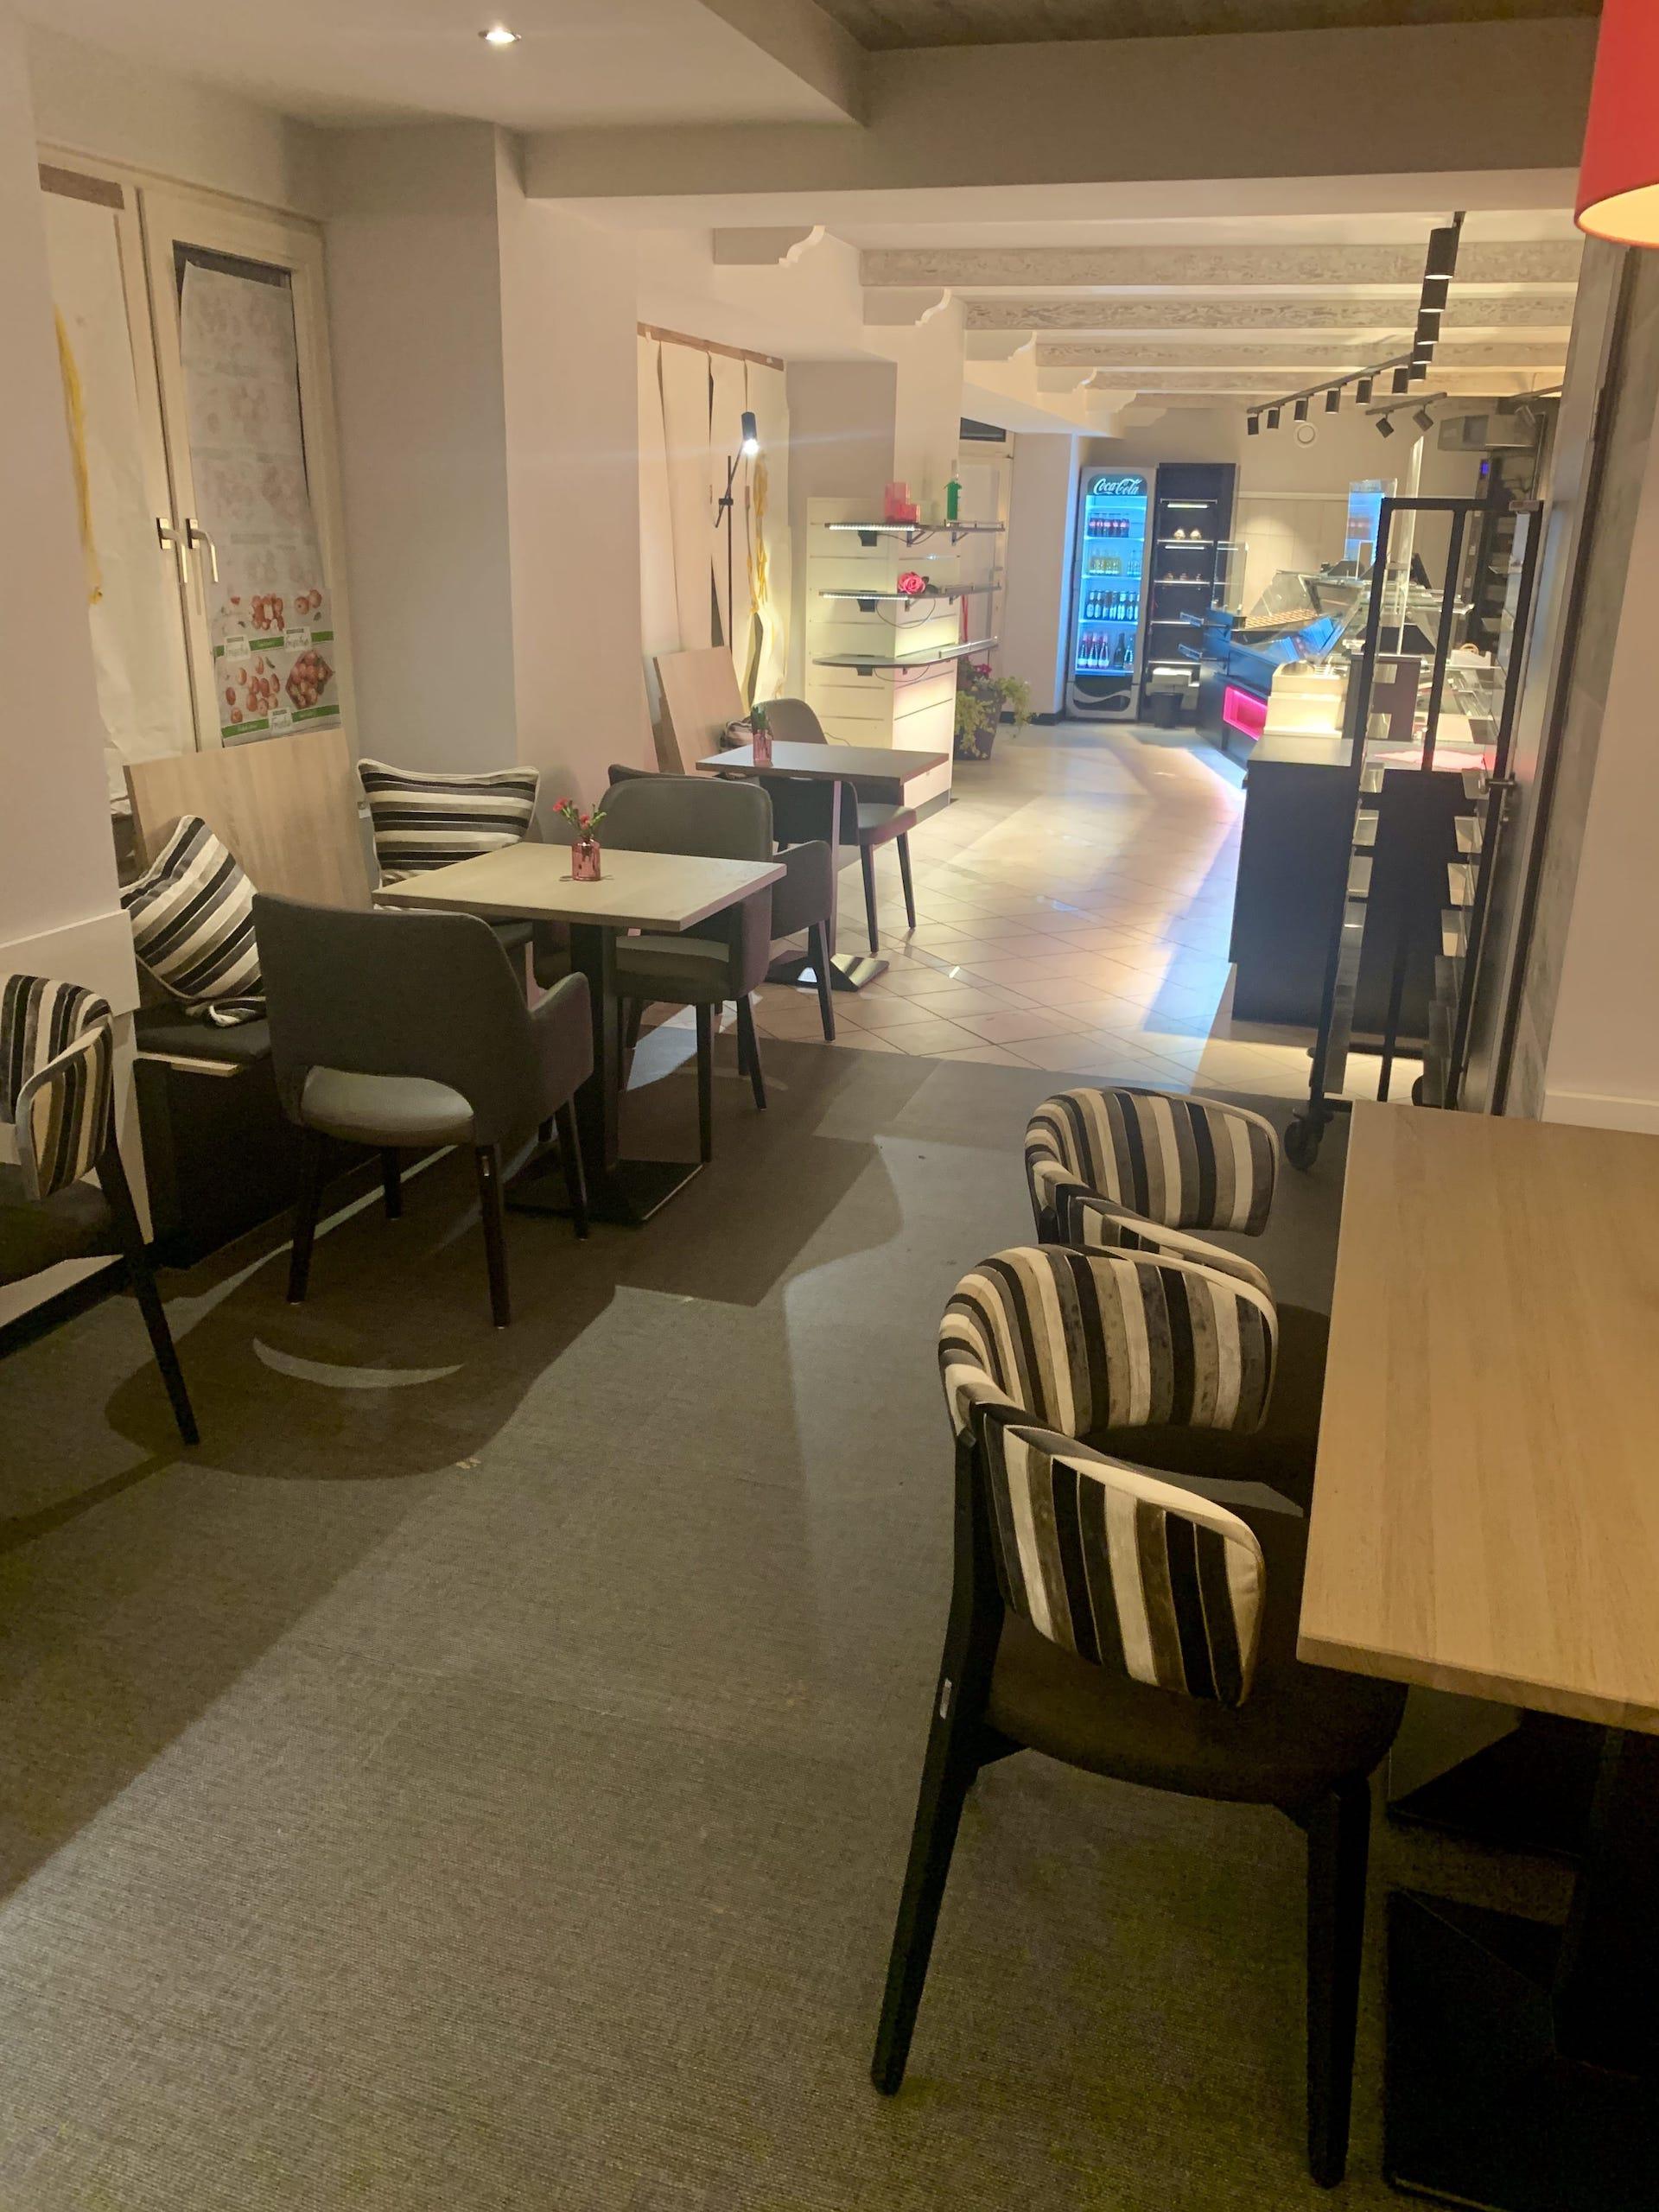 Klapp1910 Umbau 00014 - KLAPP1910 Stammhaus im neuen Design wiedereröffnet